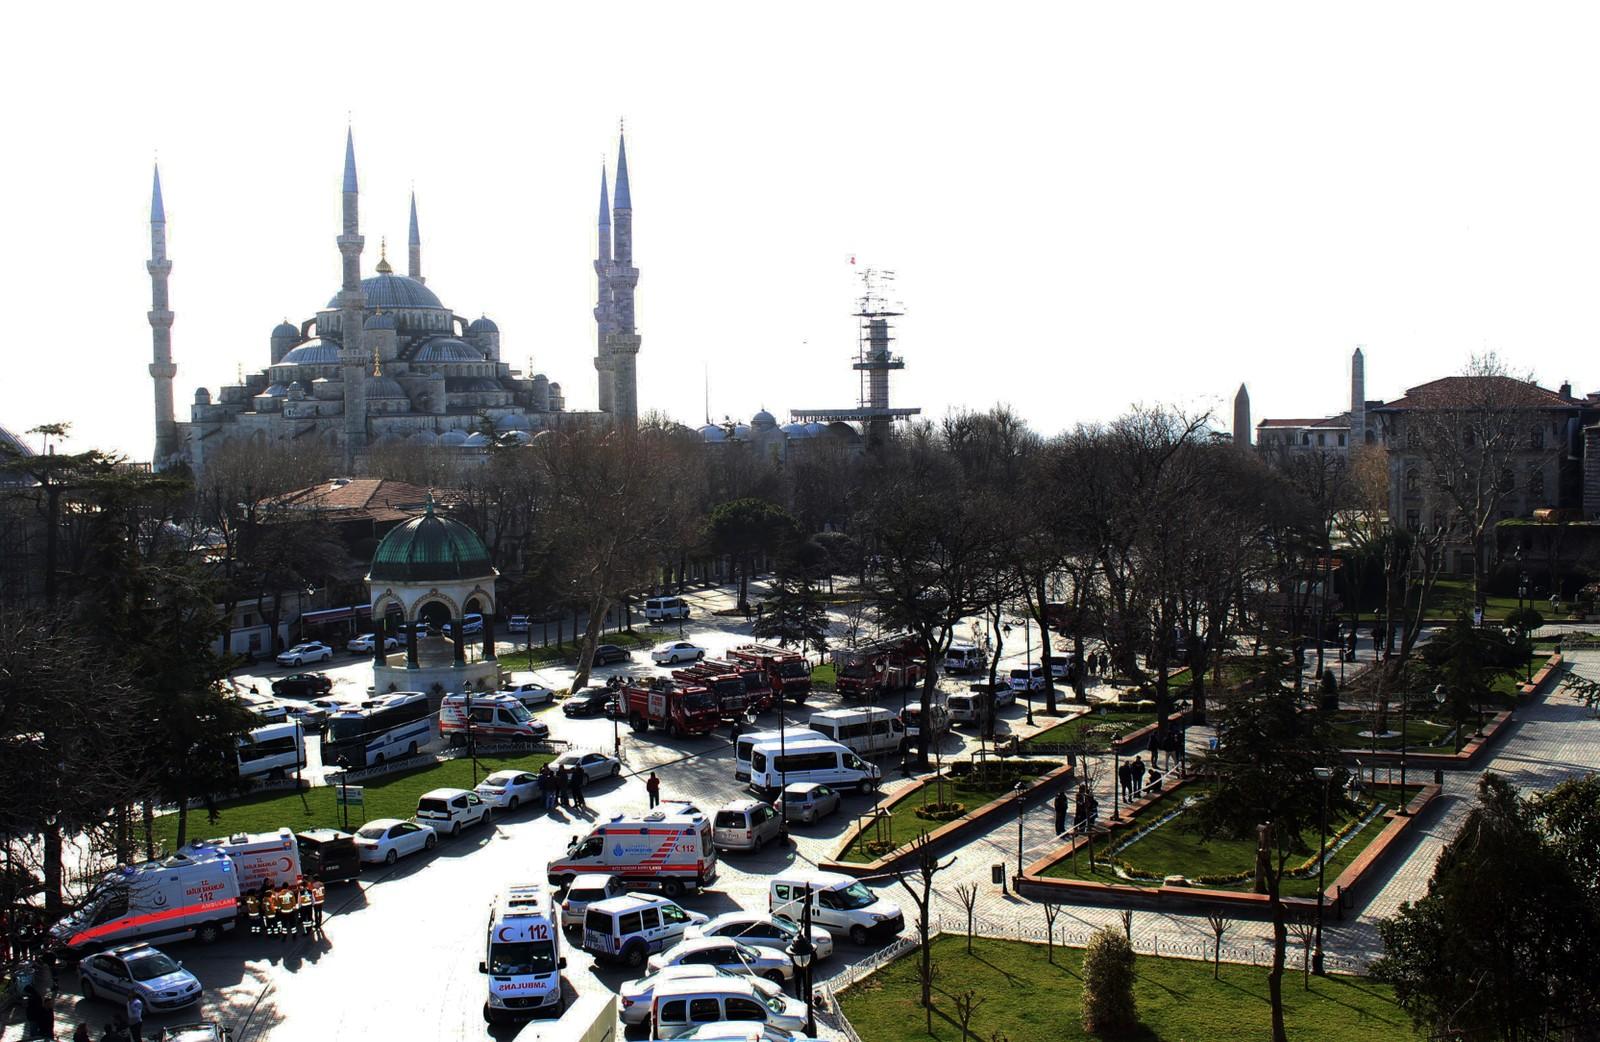 Eksplosjonen skjedde på Sultanahmet-plass, eit kjent turistmål i sentrum av byen. Her ligg mellom anna Den blå moské.